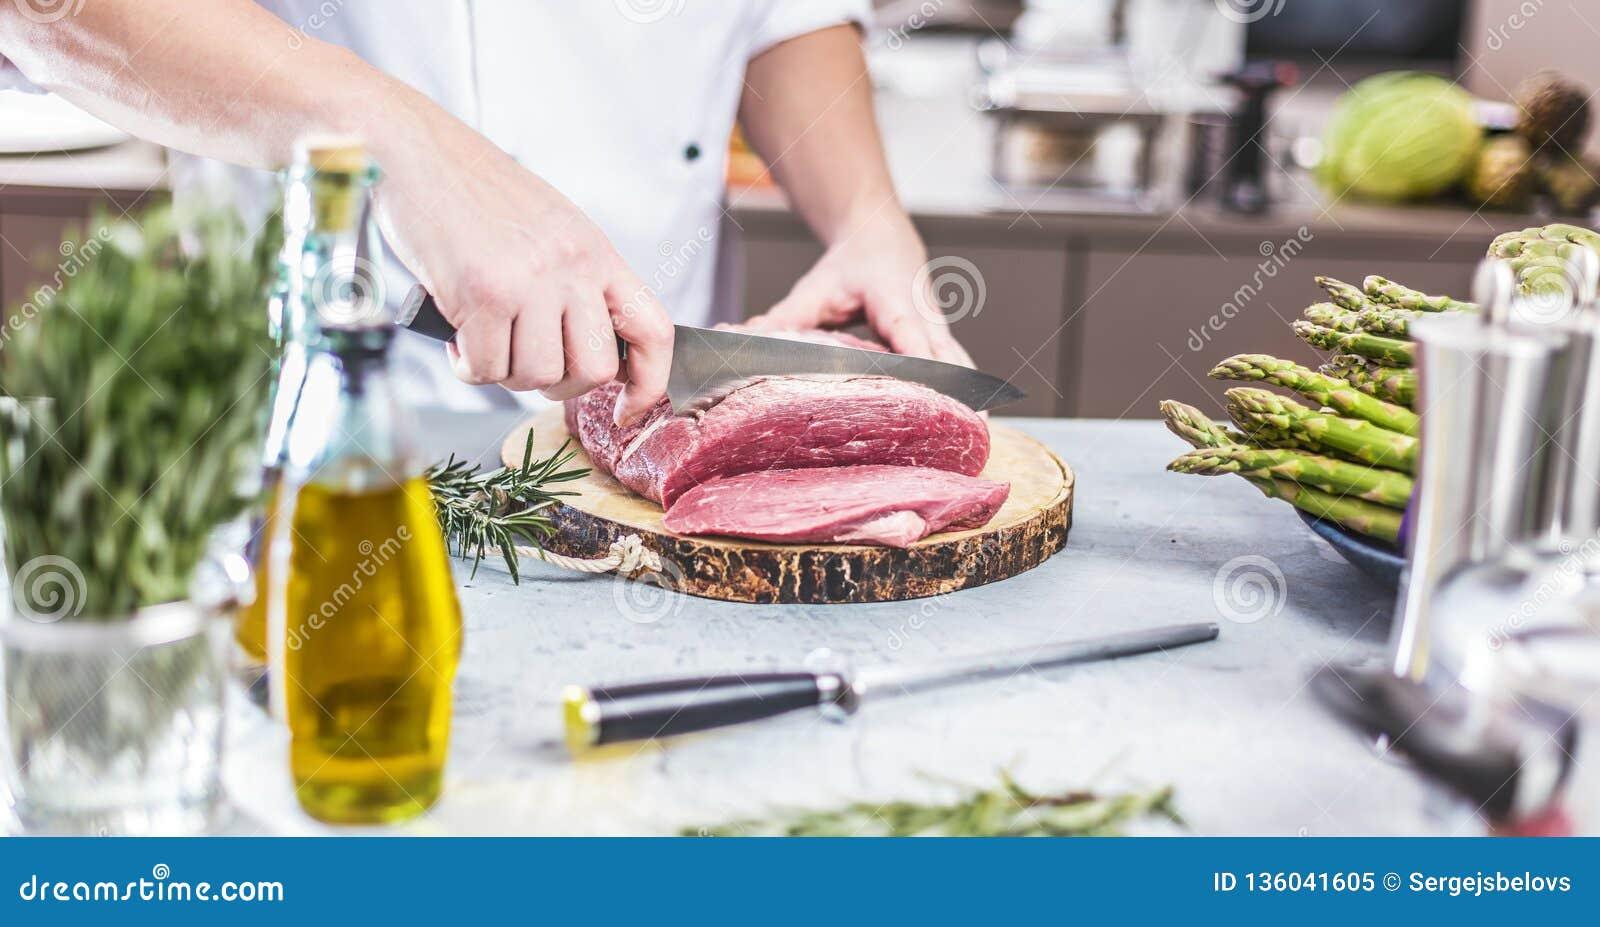 Cuoco unico nella cucina del ristorante che cucina, sta tagliando la carne o la bistecca